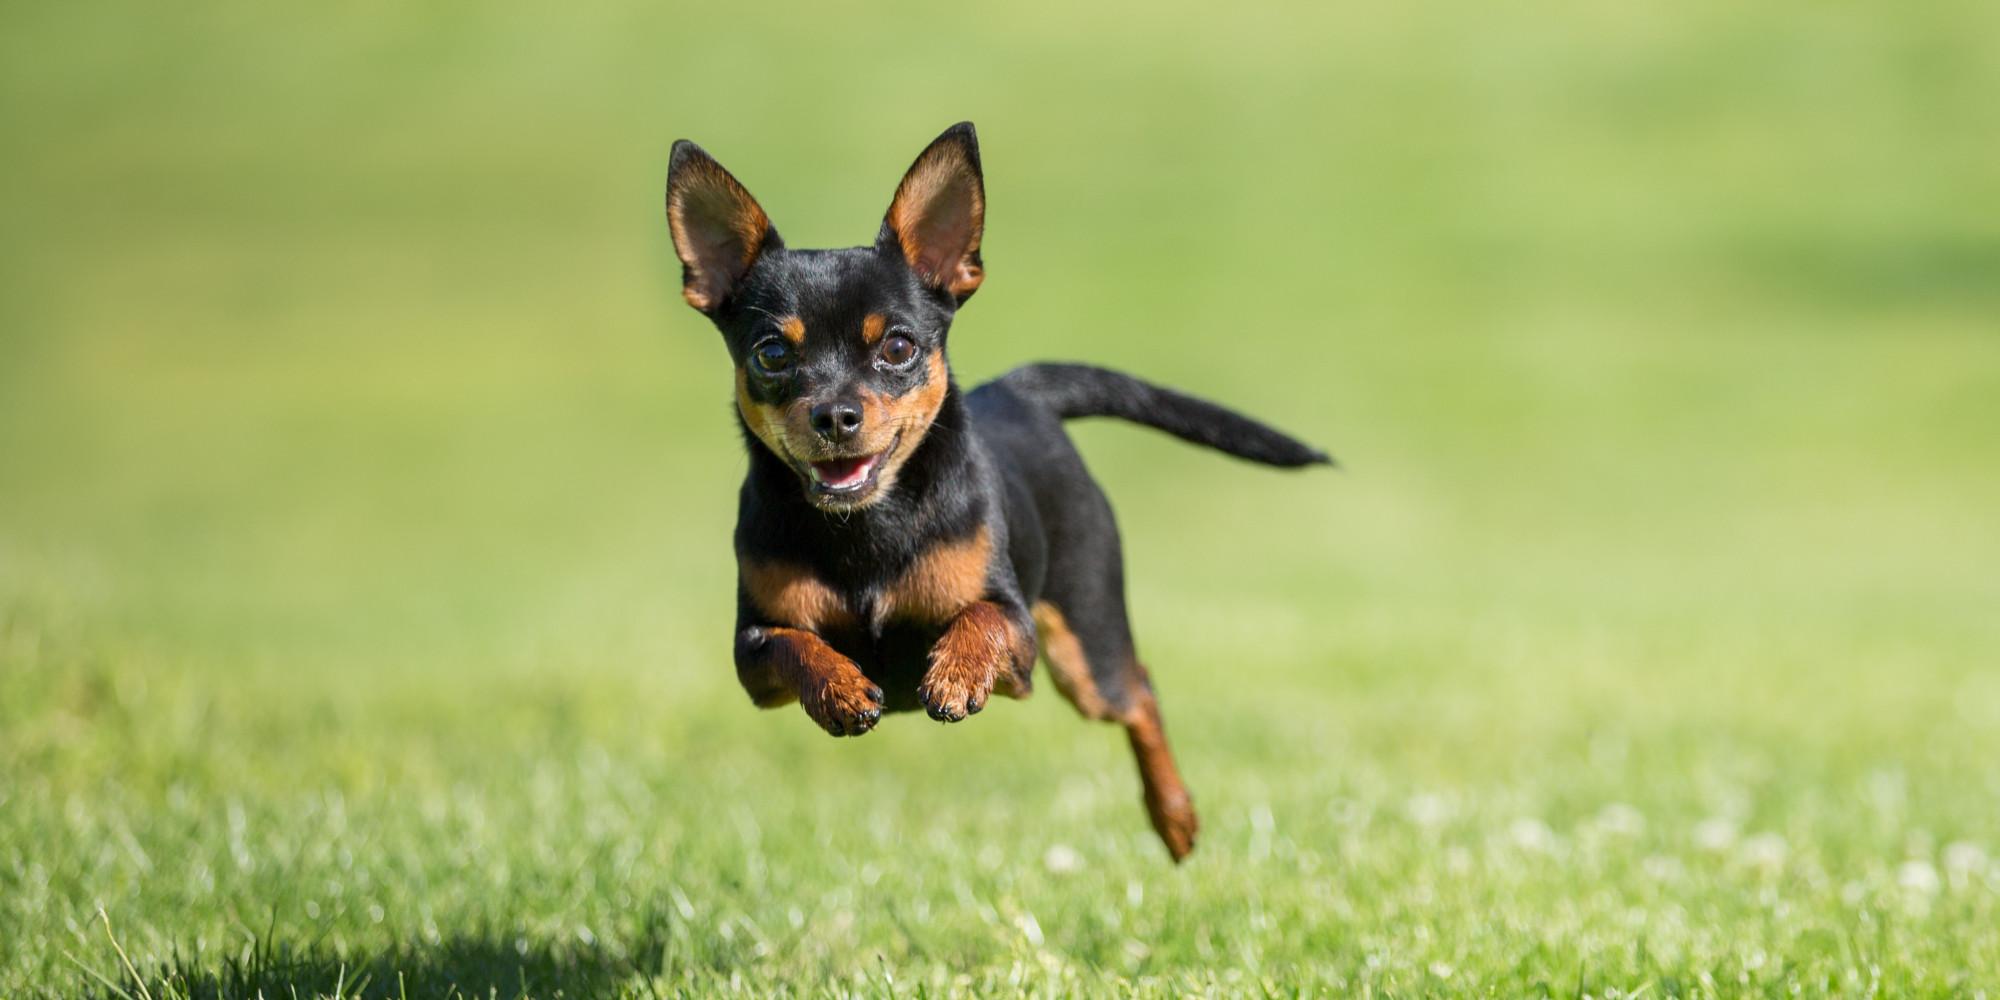 Packs Of Chihuahuas Terrorize Arizona Neighborhood Chase